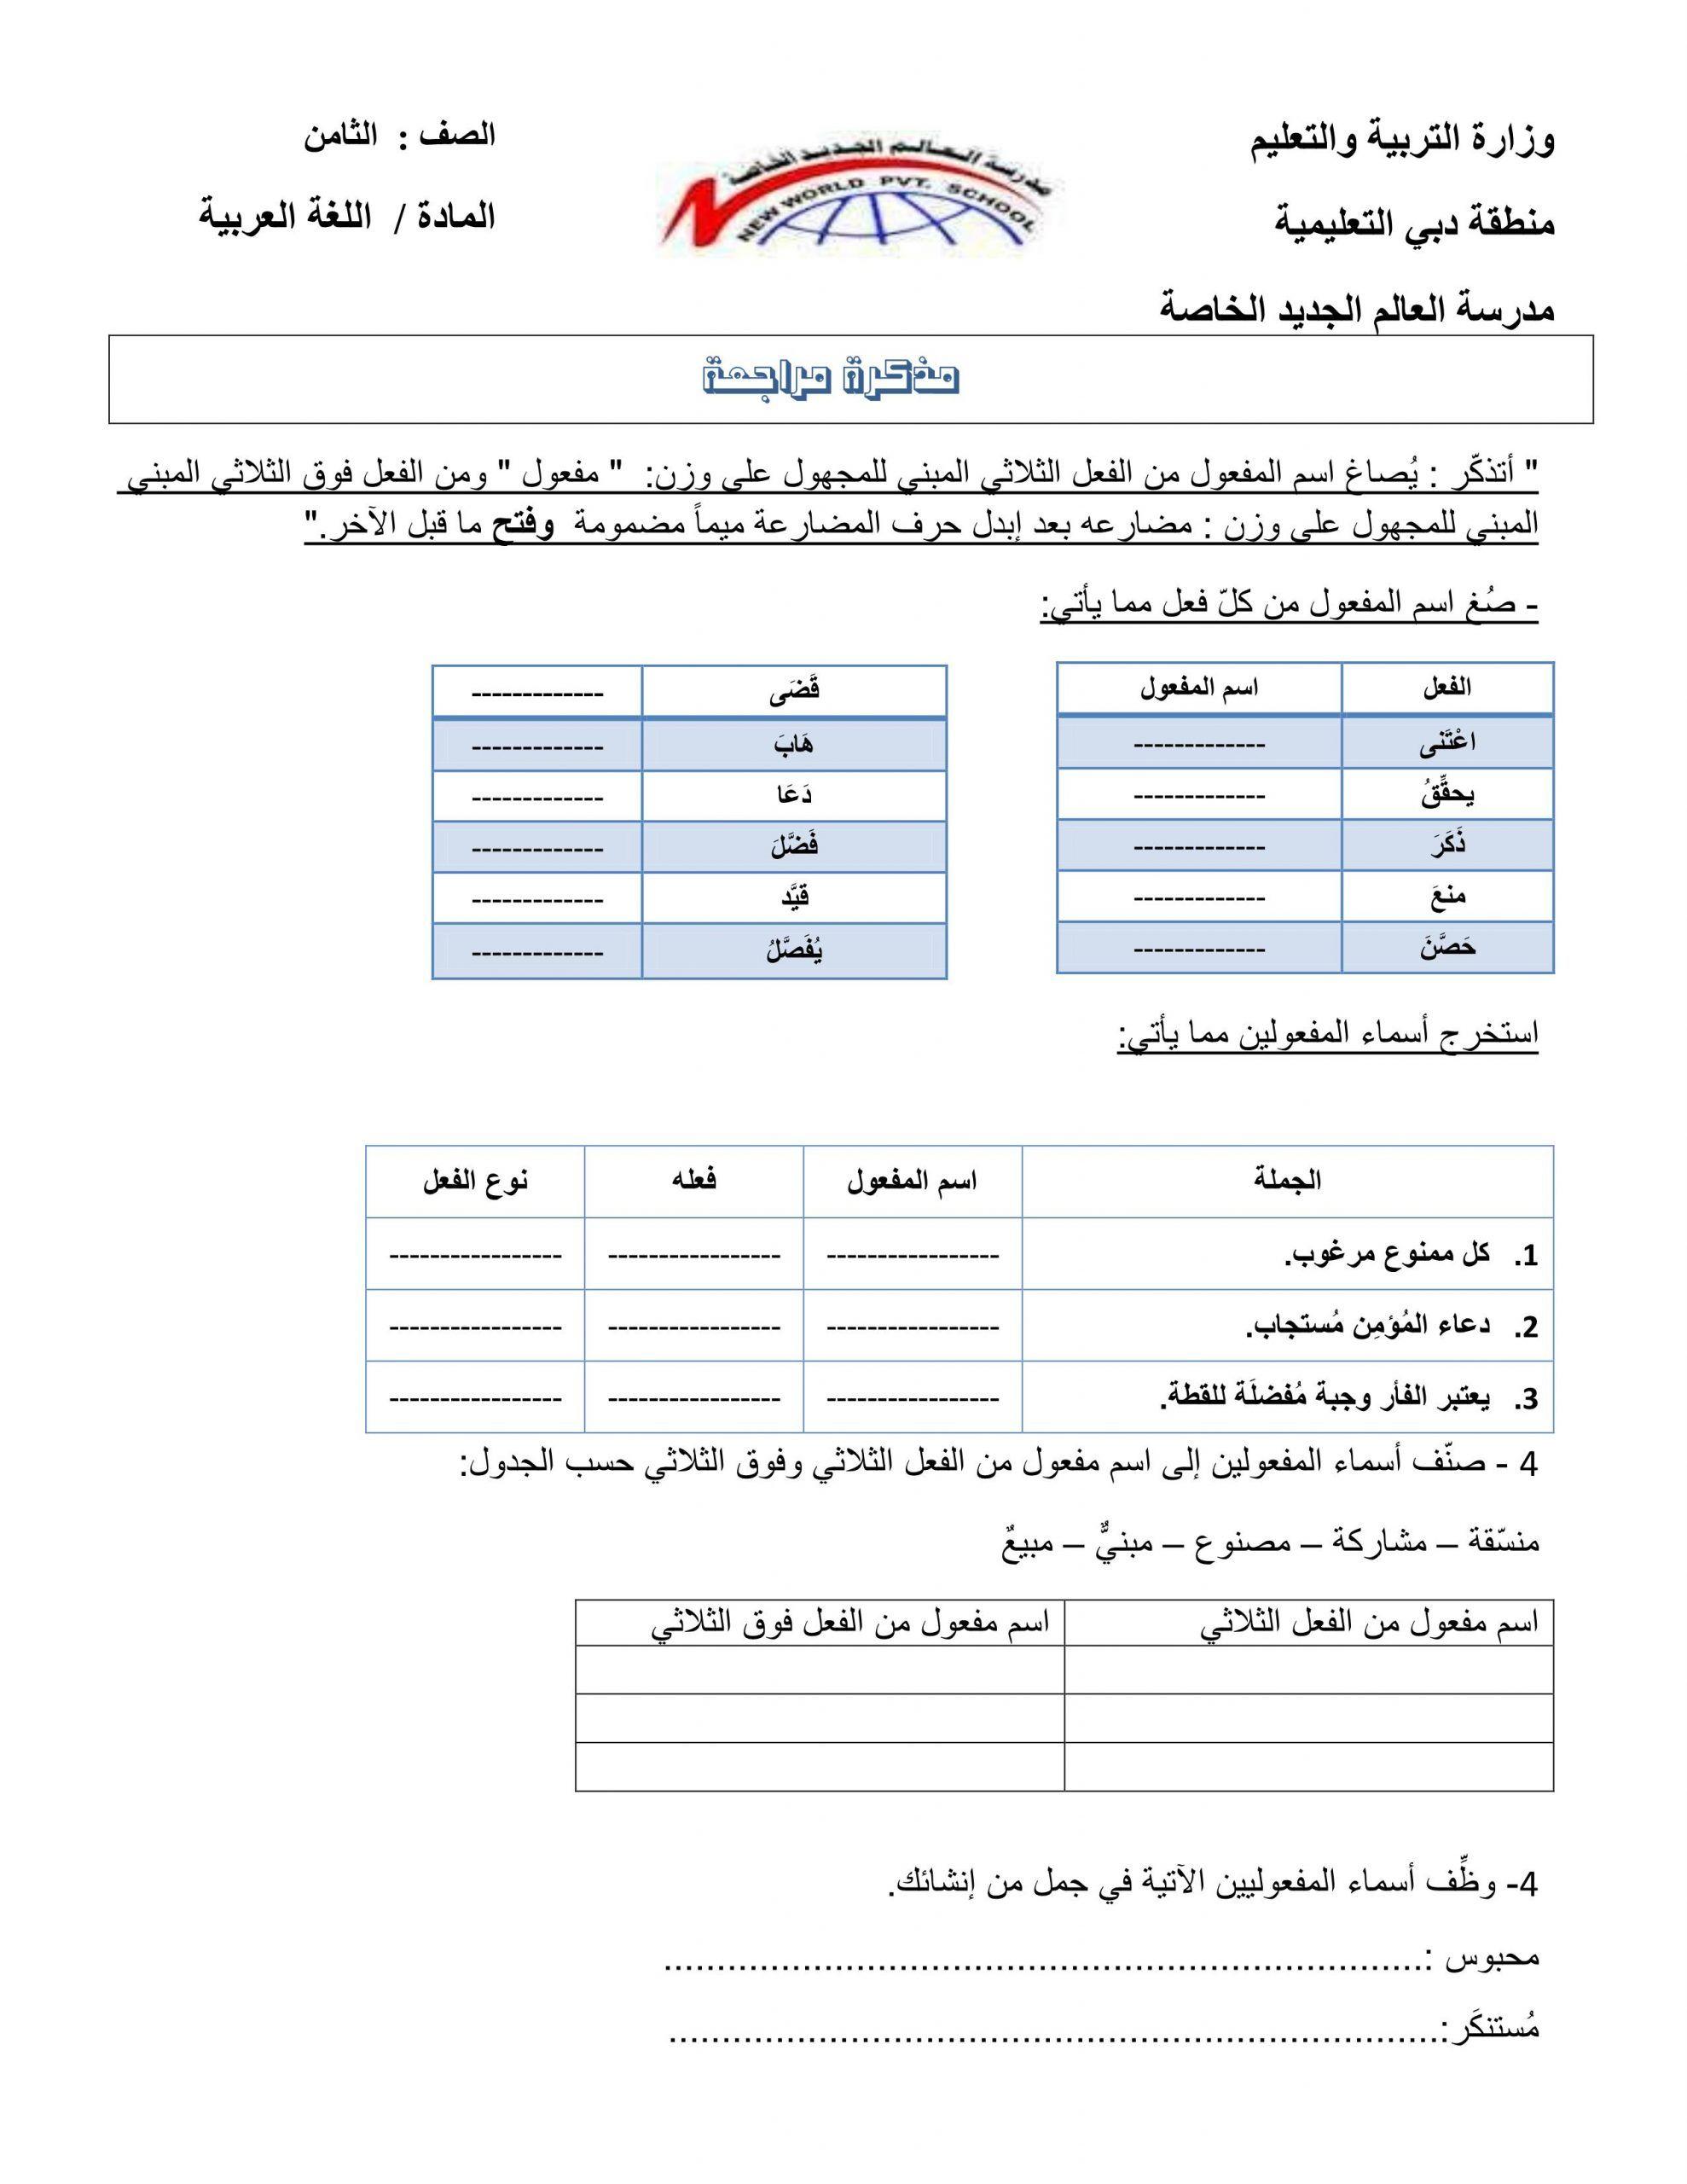 اوراق عمل مذكرة مراجعة متنوعة الصف الثامن مادة اللغة العربية